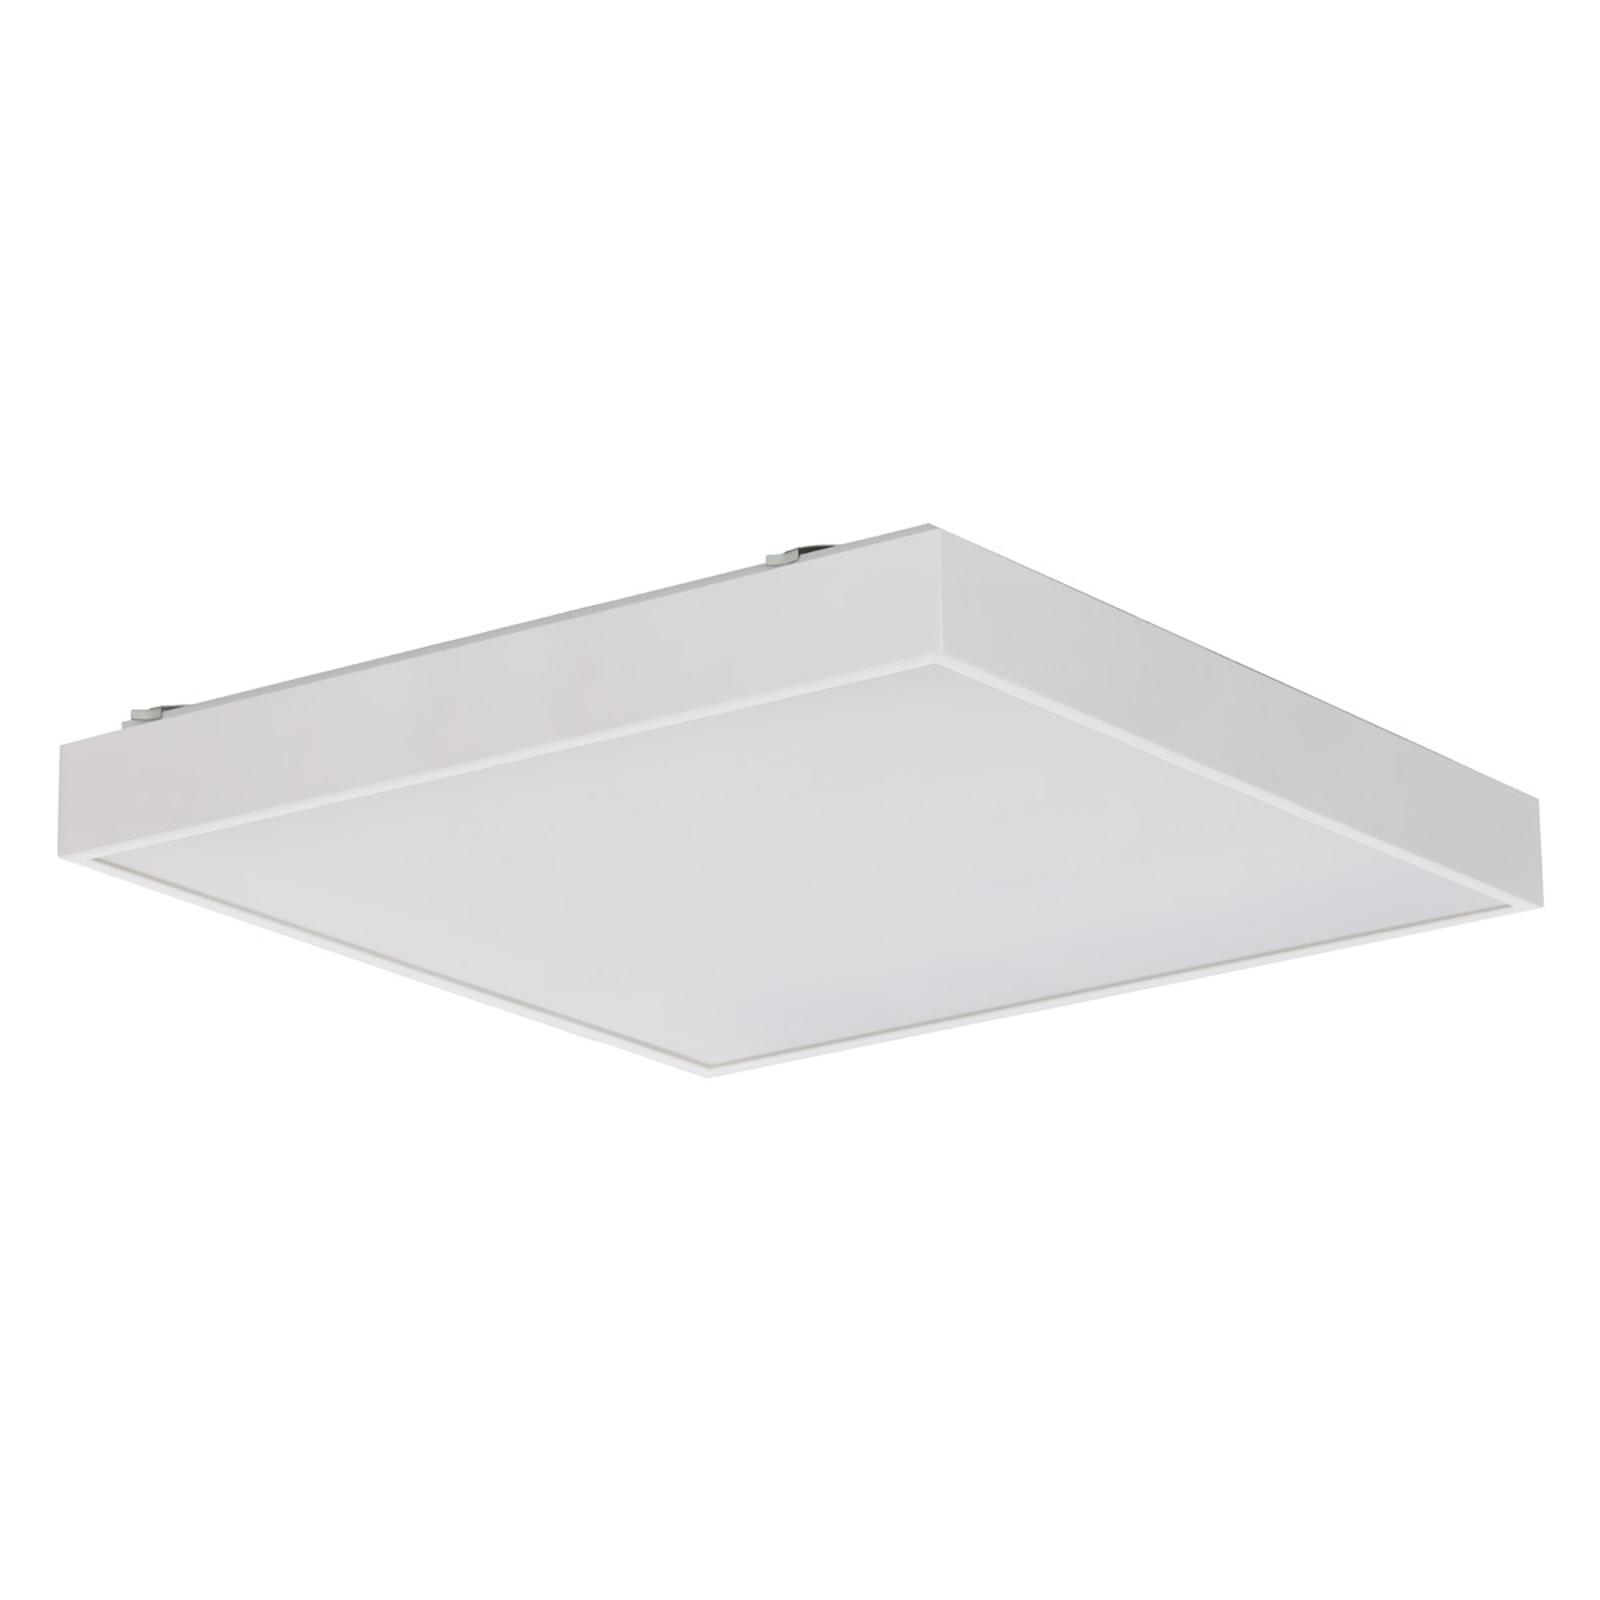 Säästeliäs LED-kattovalaisin Q6 valkoinen EVG